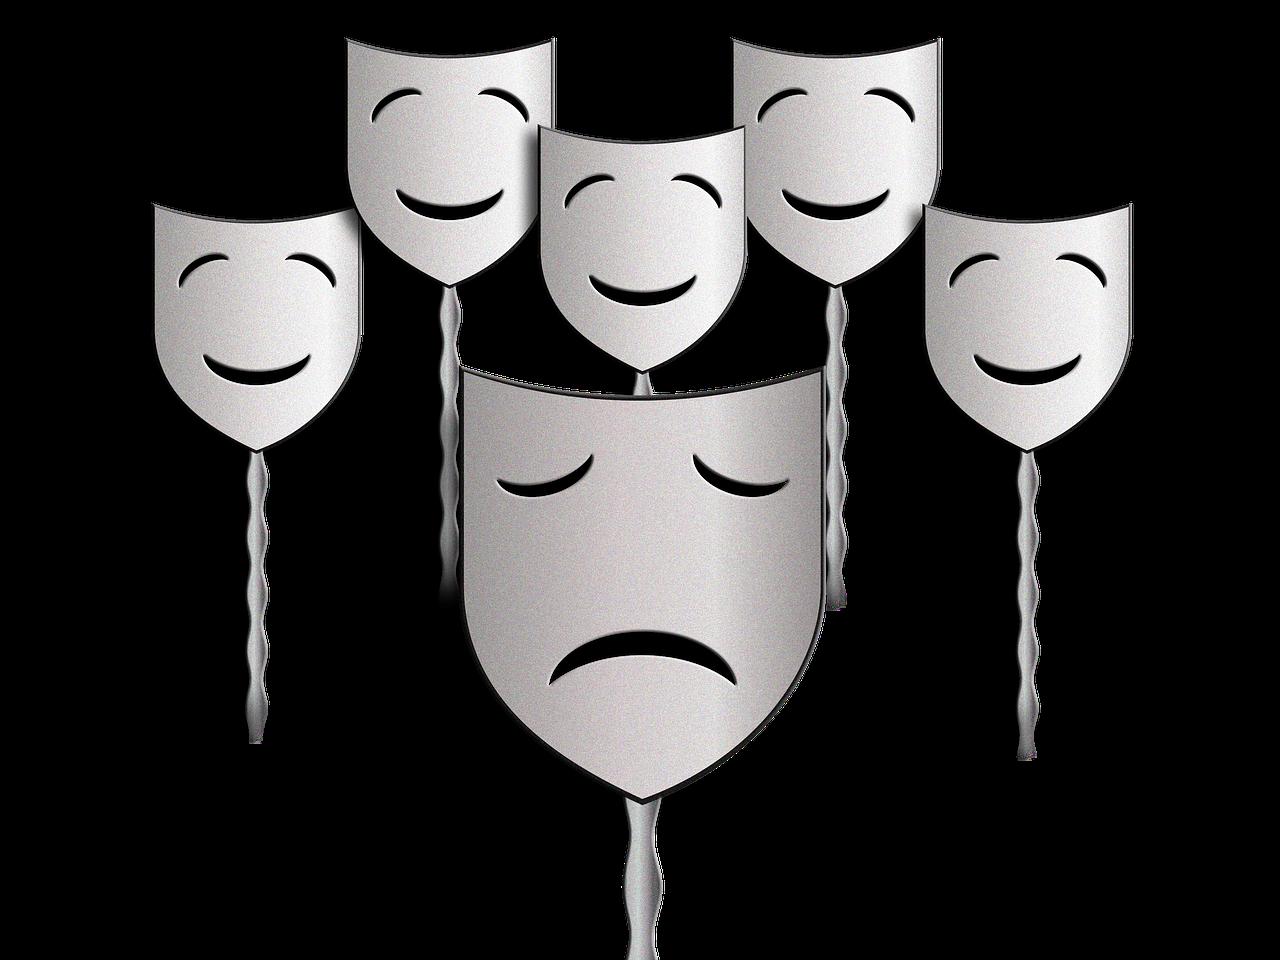 masks-2174002_1280